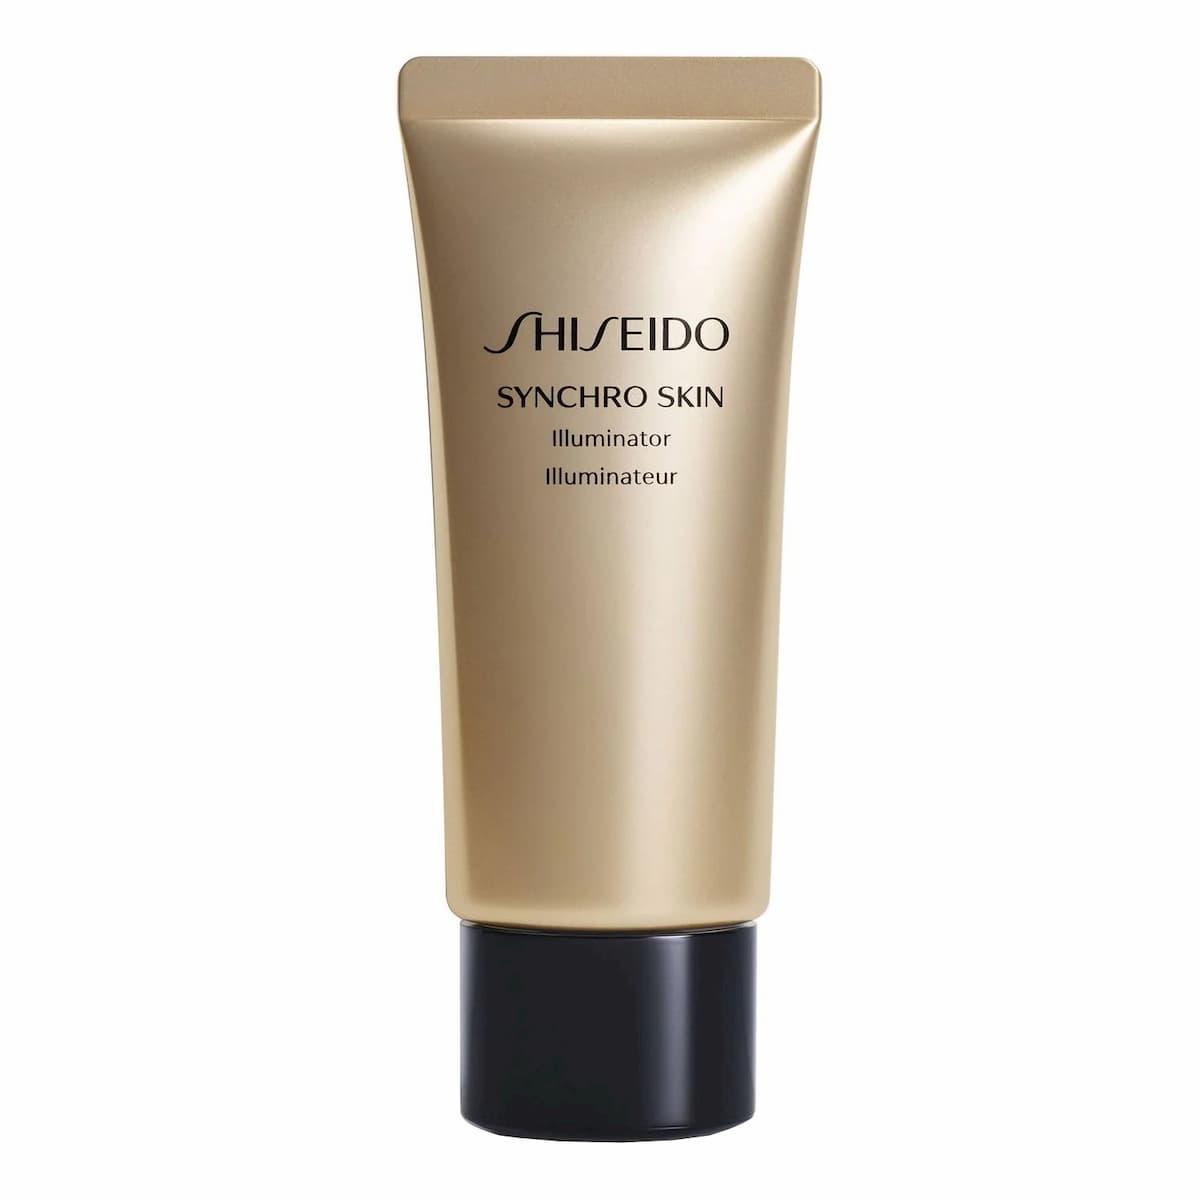 Shiseido - Synchro Skin - Illuminateur